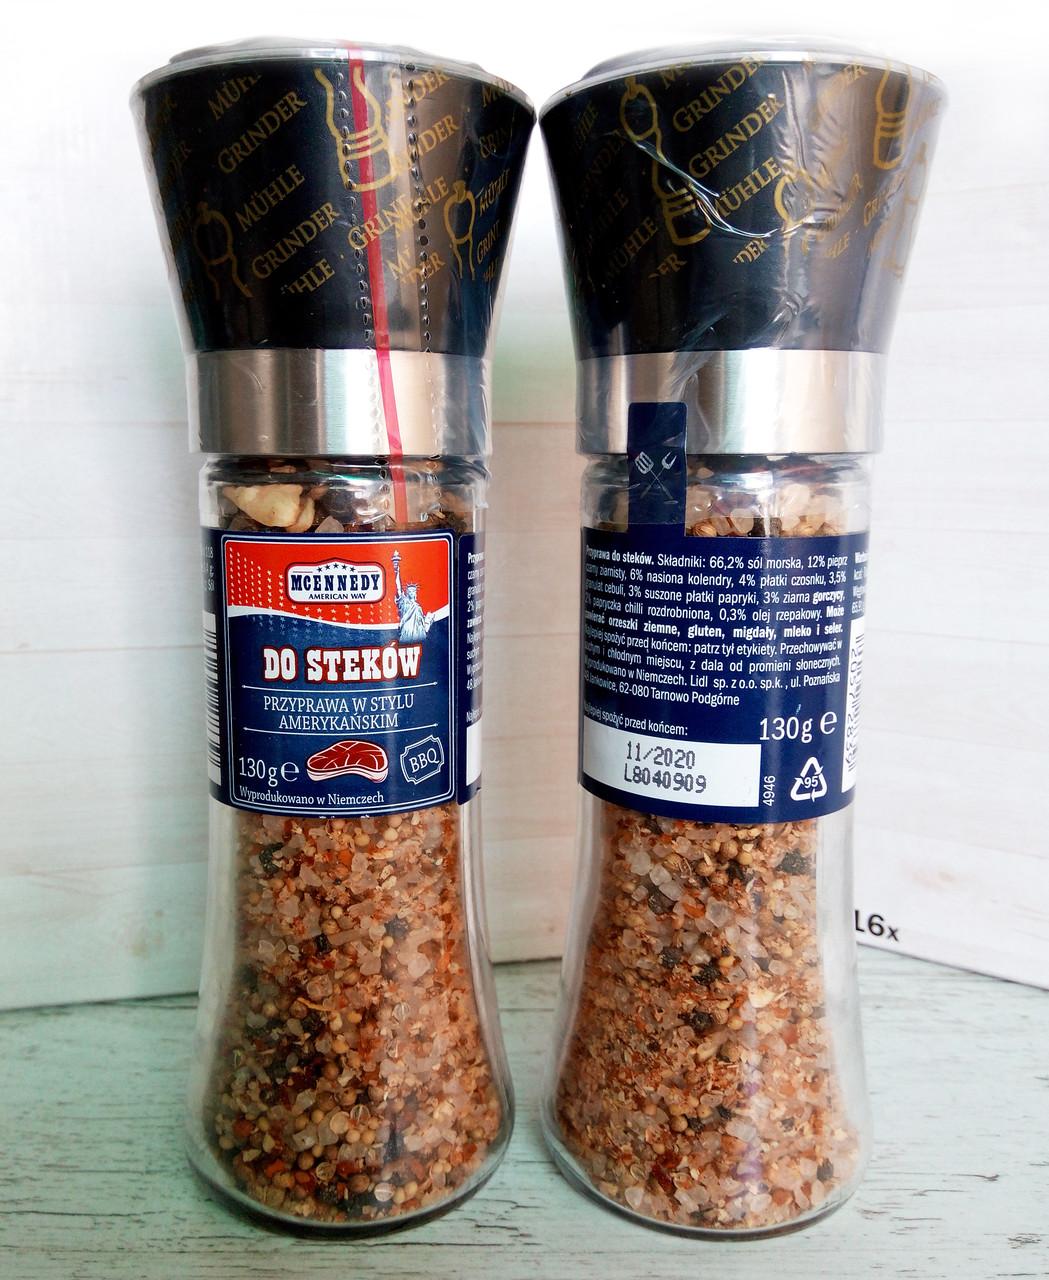 Микс специй с солью Mcennedy American Way Do Stekow в многоразовой мельнице, 130 г.